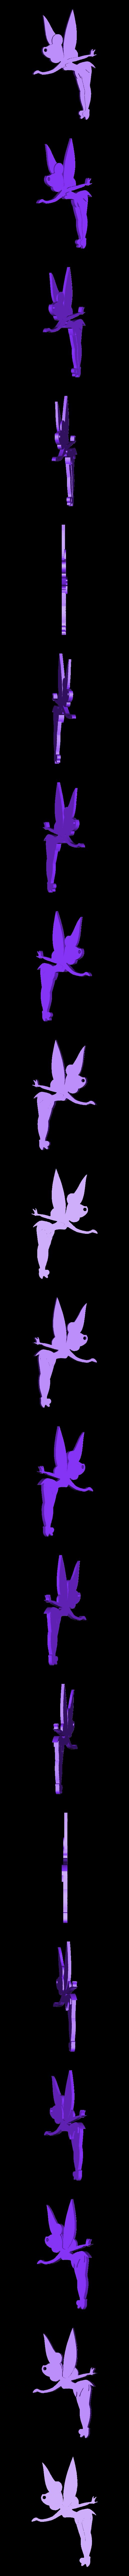 Llavero Tinkerbell.stl Télécharger fichier STL gratuit Porte-clés Fée Clochette • Design à imprimer en 3D, 3drovettas